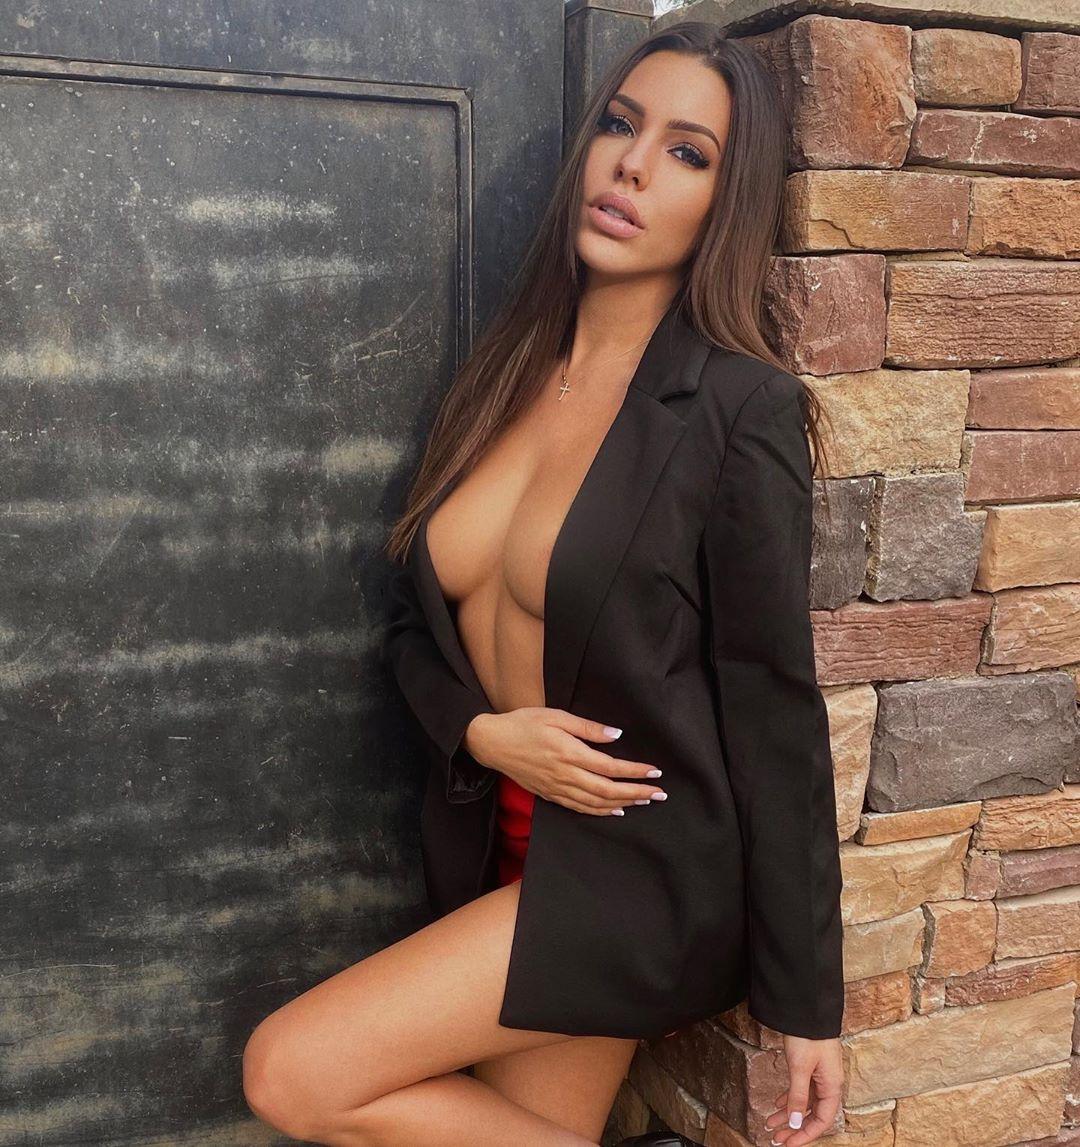 Paige Woolen, a modelo que expõe as mensagens assustadoras que recebe